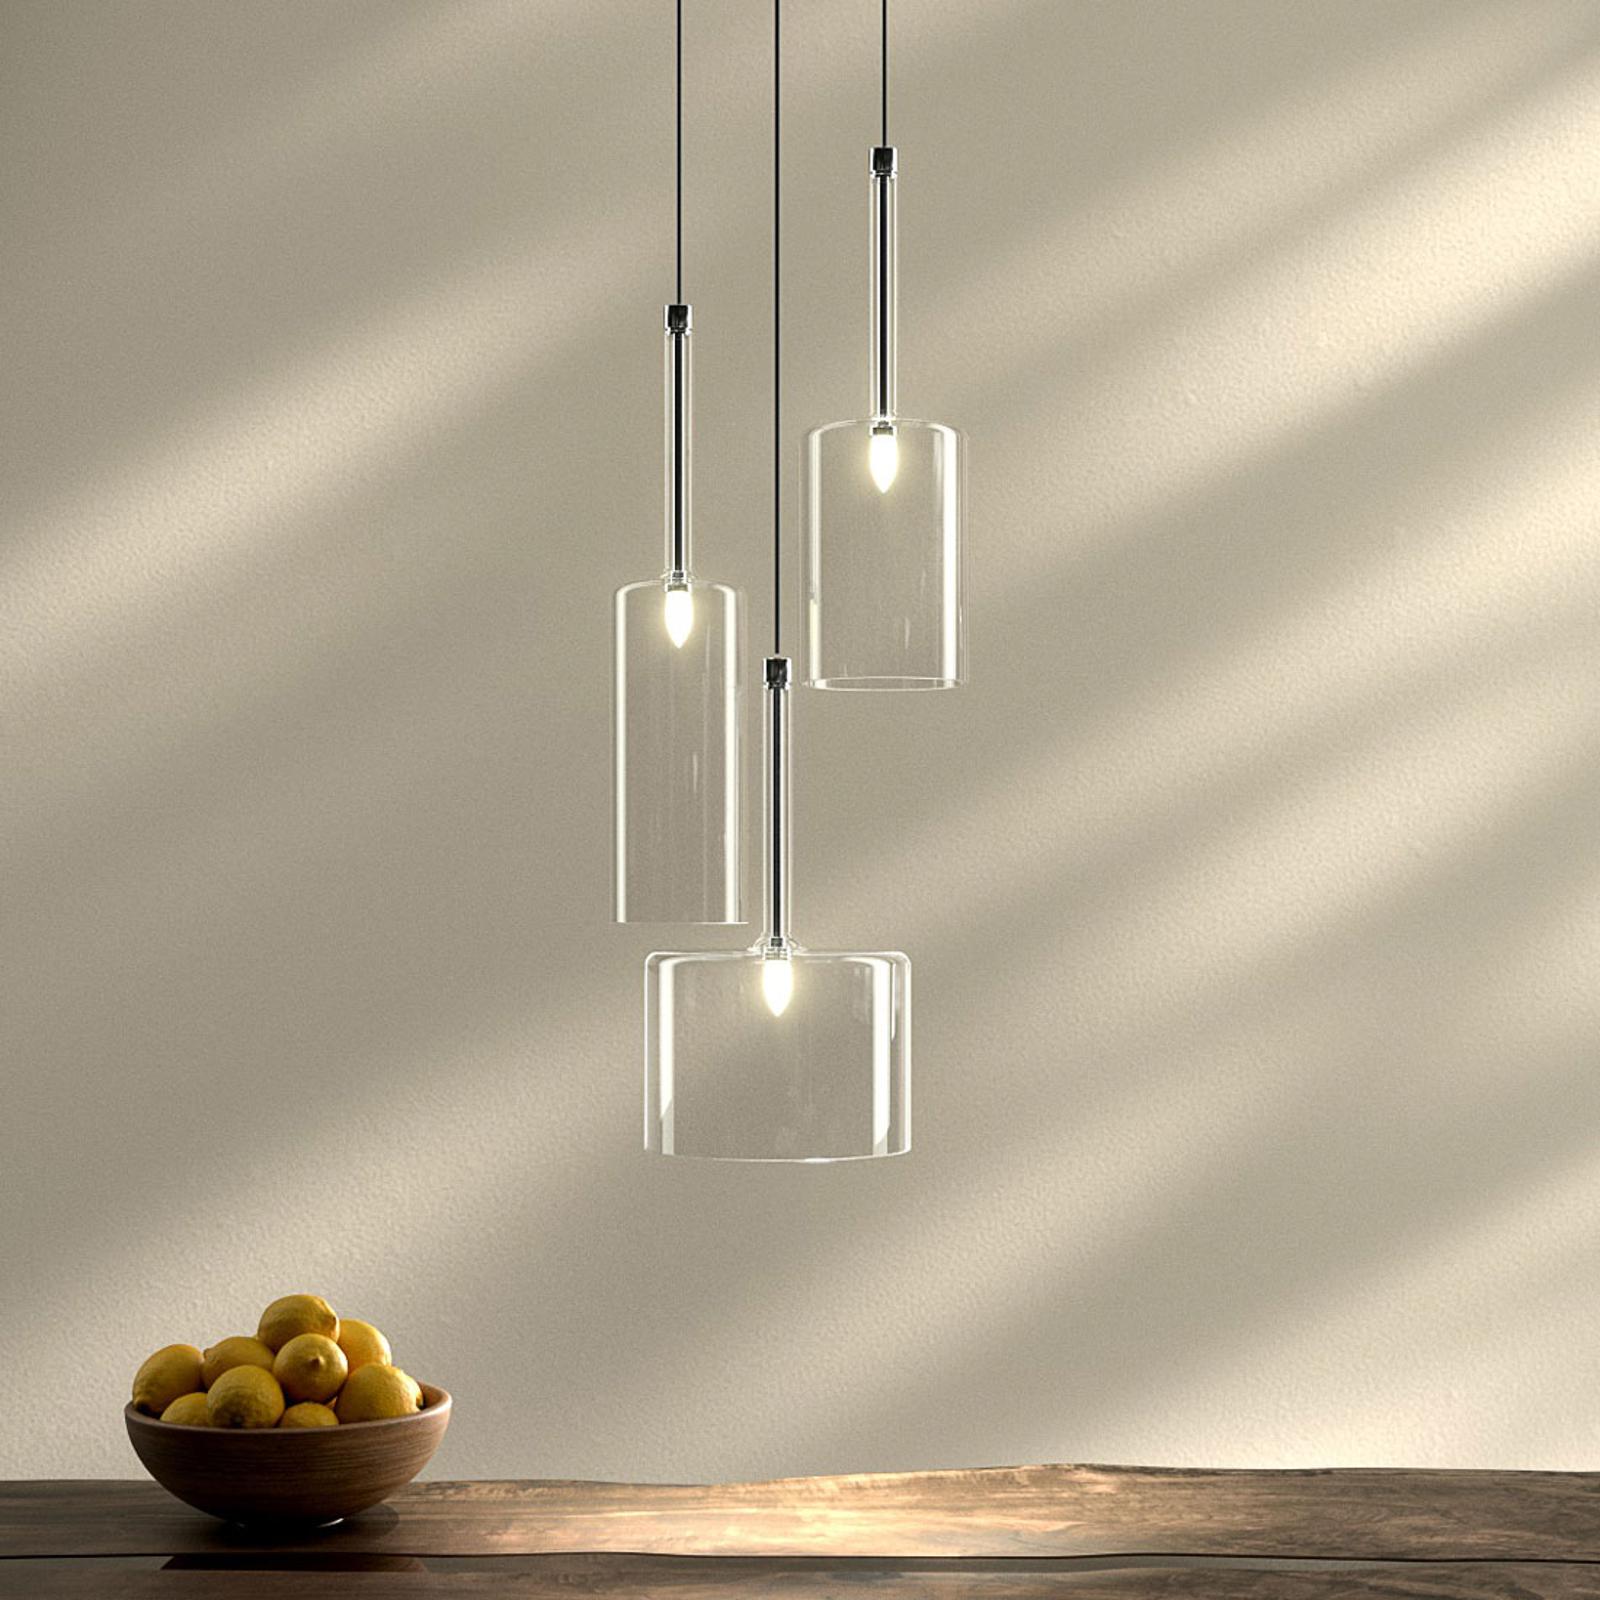 Spillray - glazen hanglamp met 3 lampjes